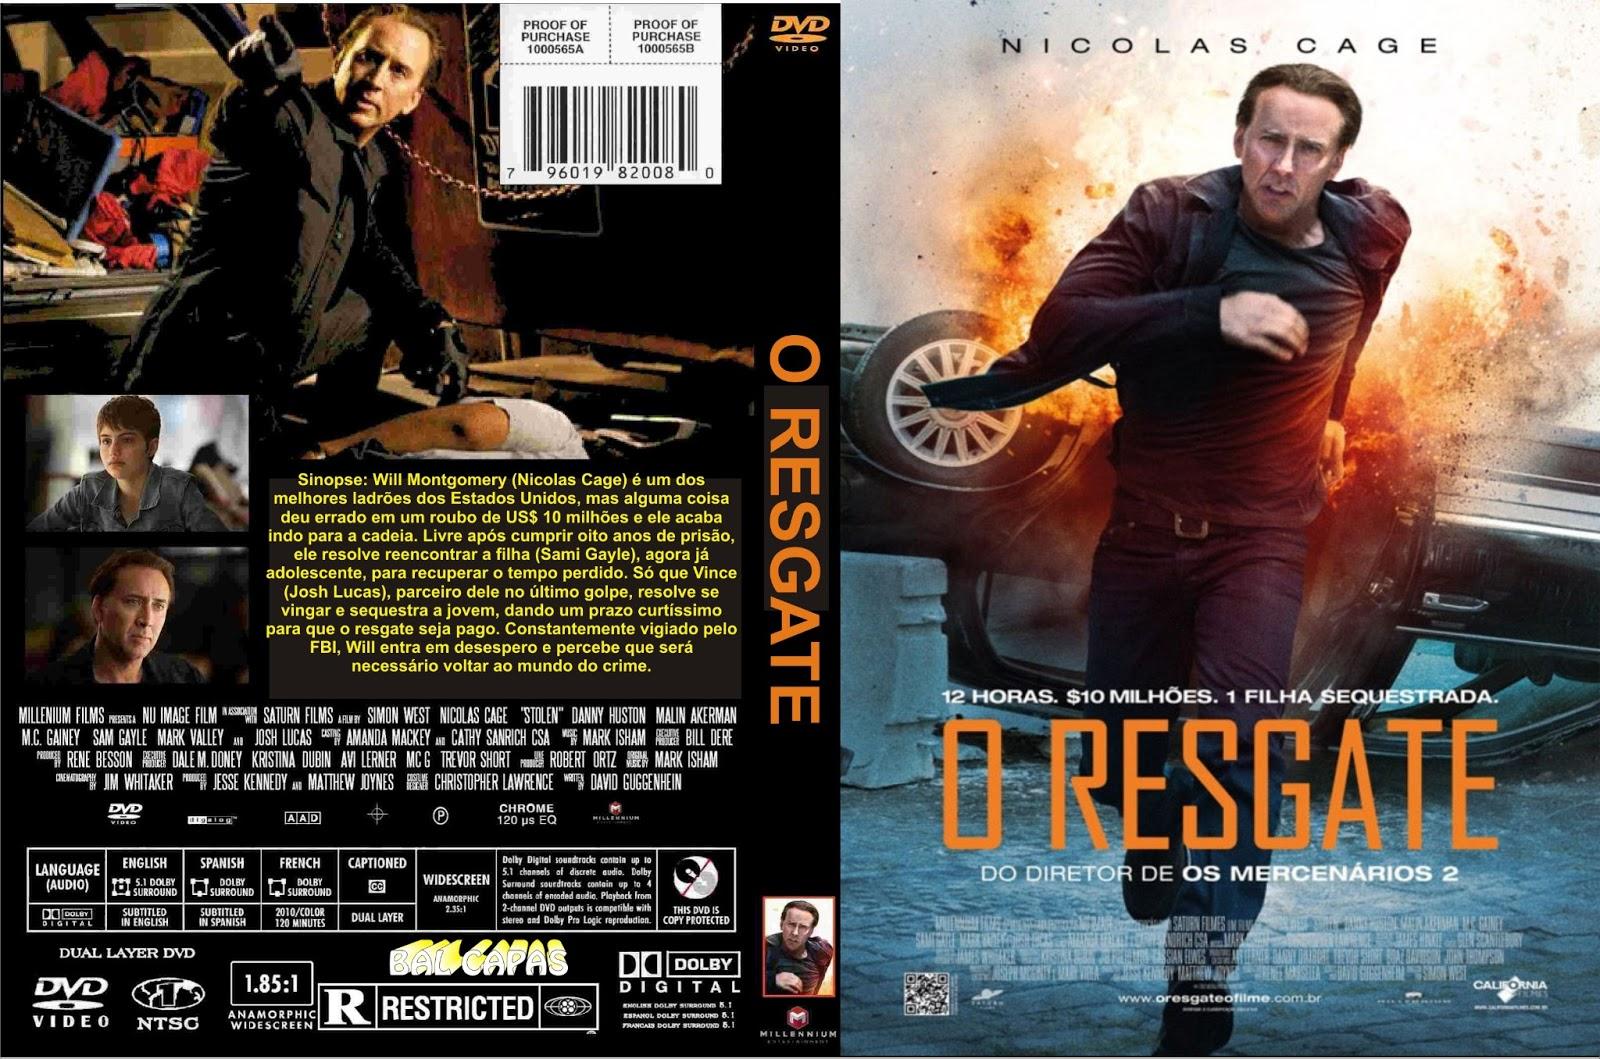 Filme Resgate De Uma Vida inside resgate de uma vida download [2] - quotes links